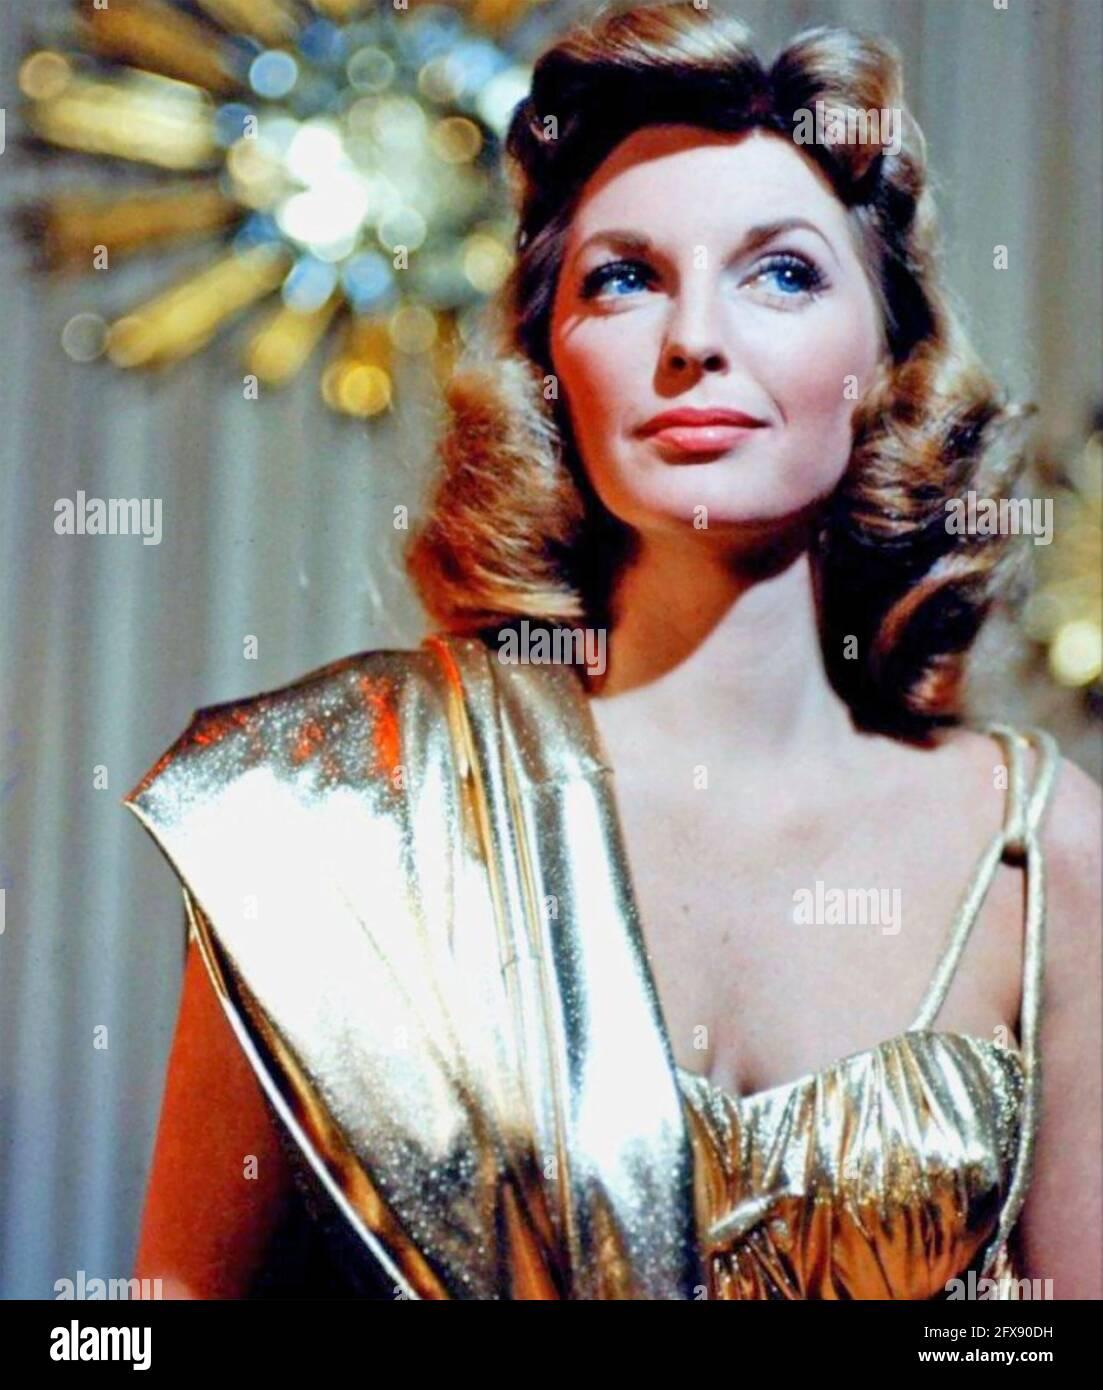 JULIE LONDON (1926-2000) chanteuse américaine et actrice fim vers 1957 Banque D'Images